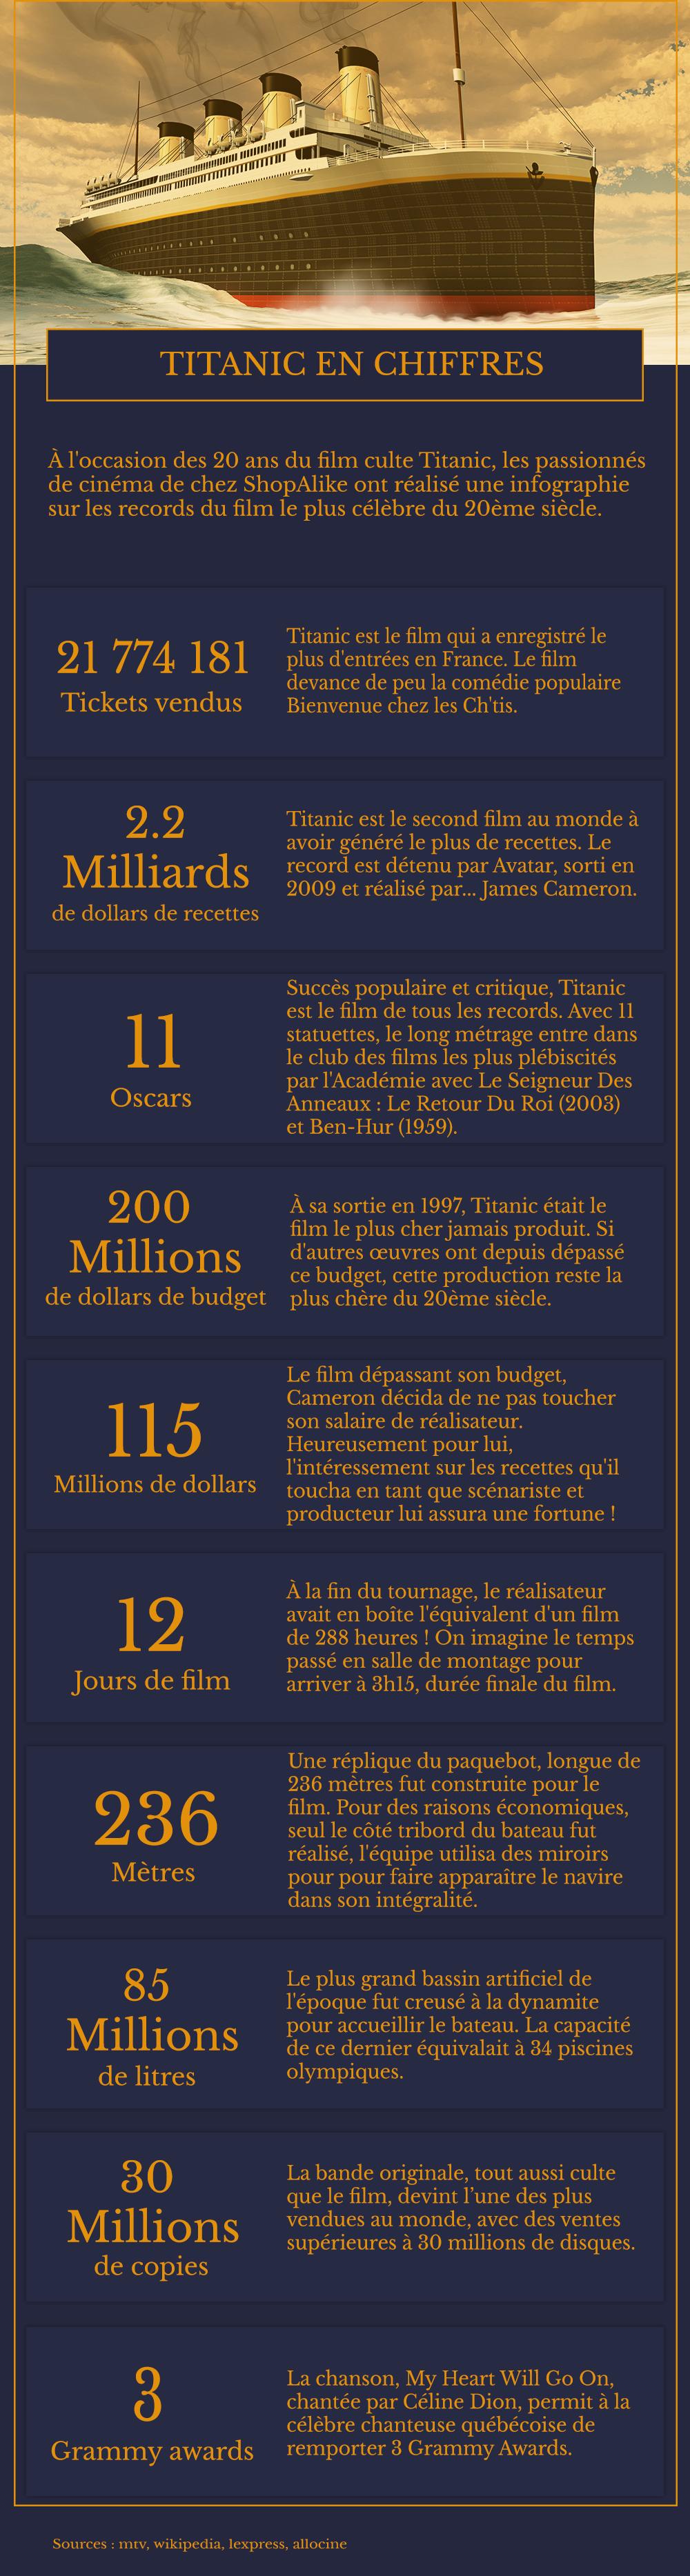 Infographie - Titanic en chiffres